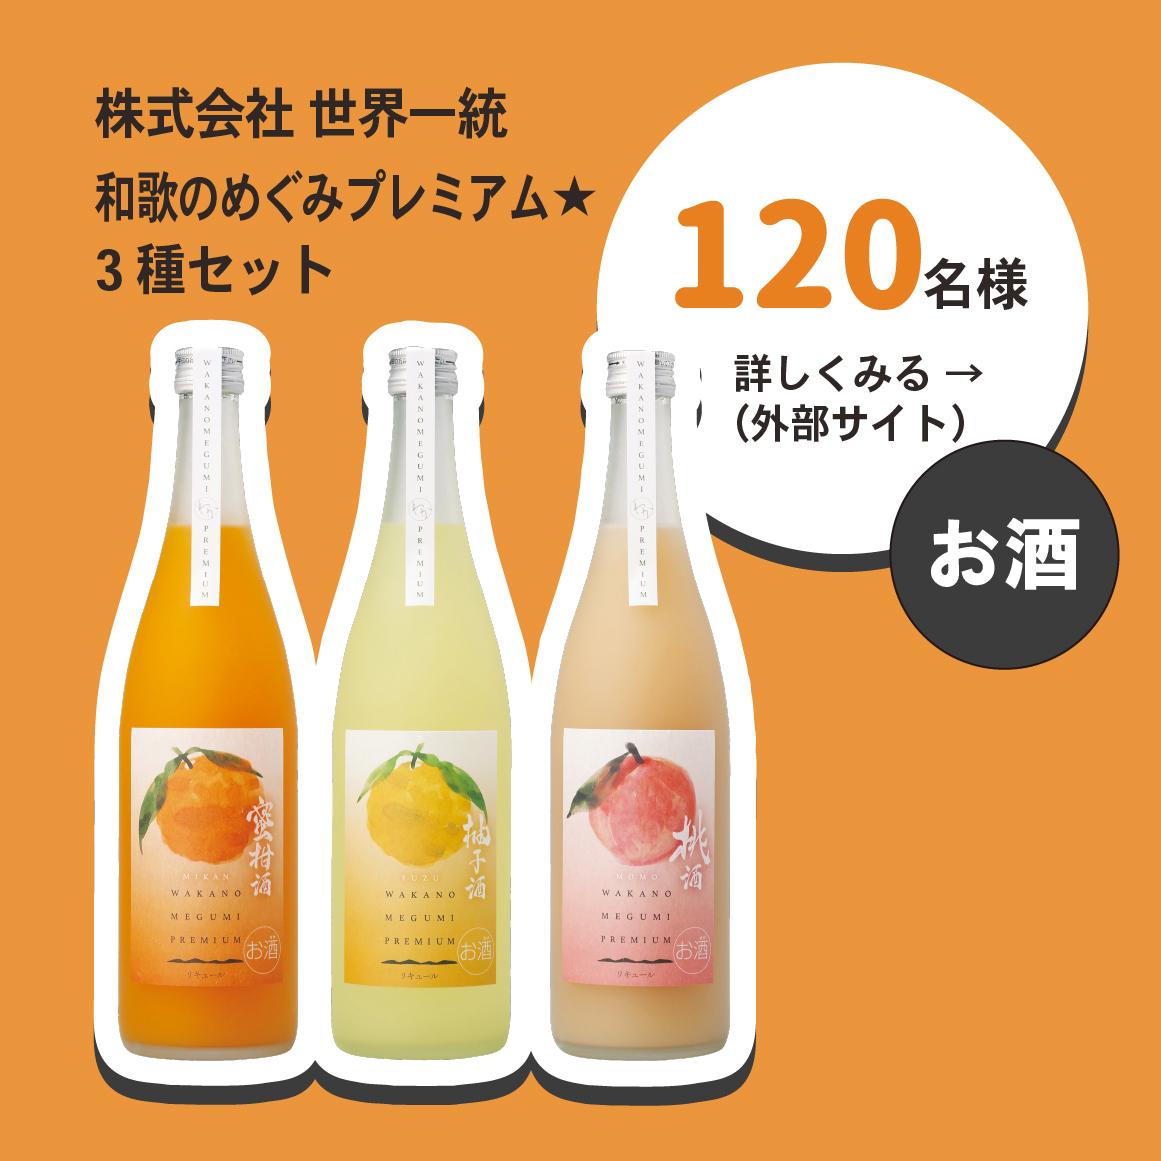 和歌山レシートキャンペーン 株式会社 世界一統和歌のめぐみプレミアム3 種セット